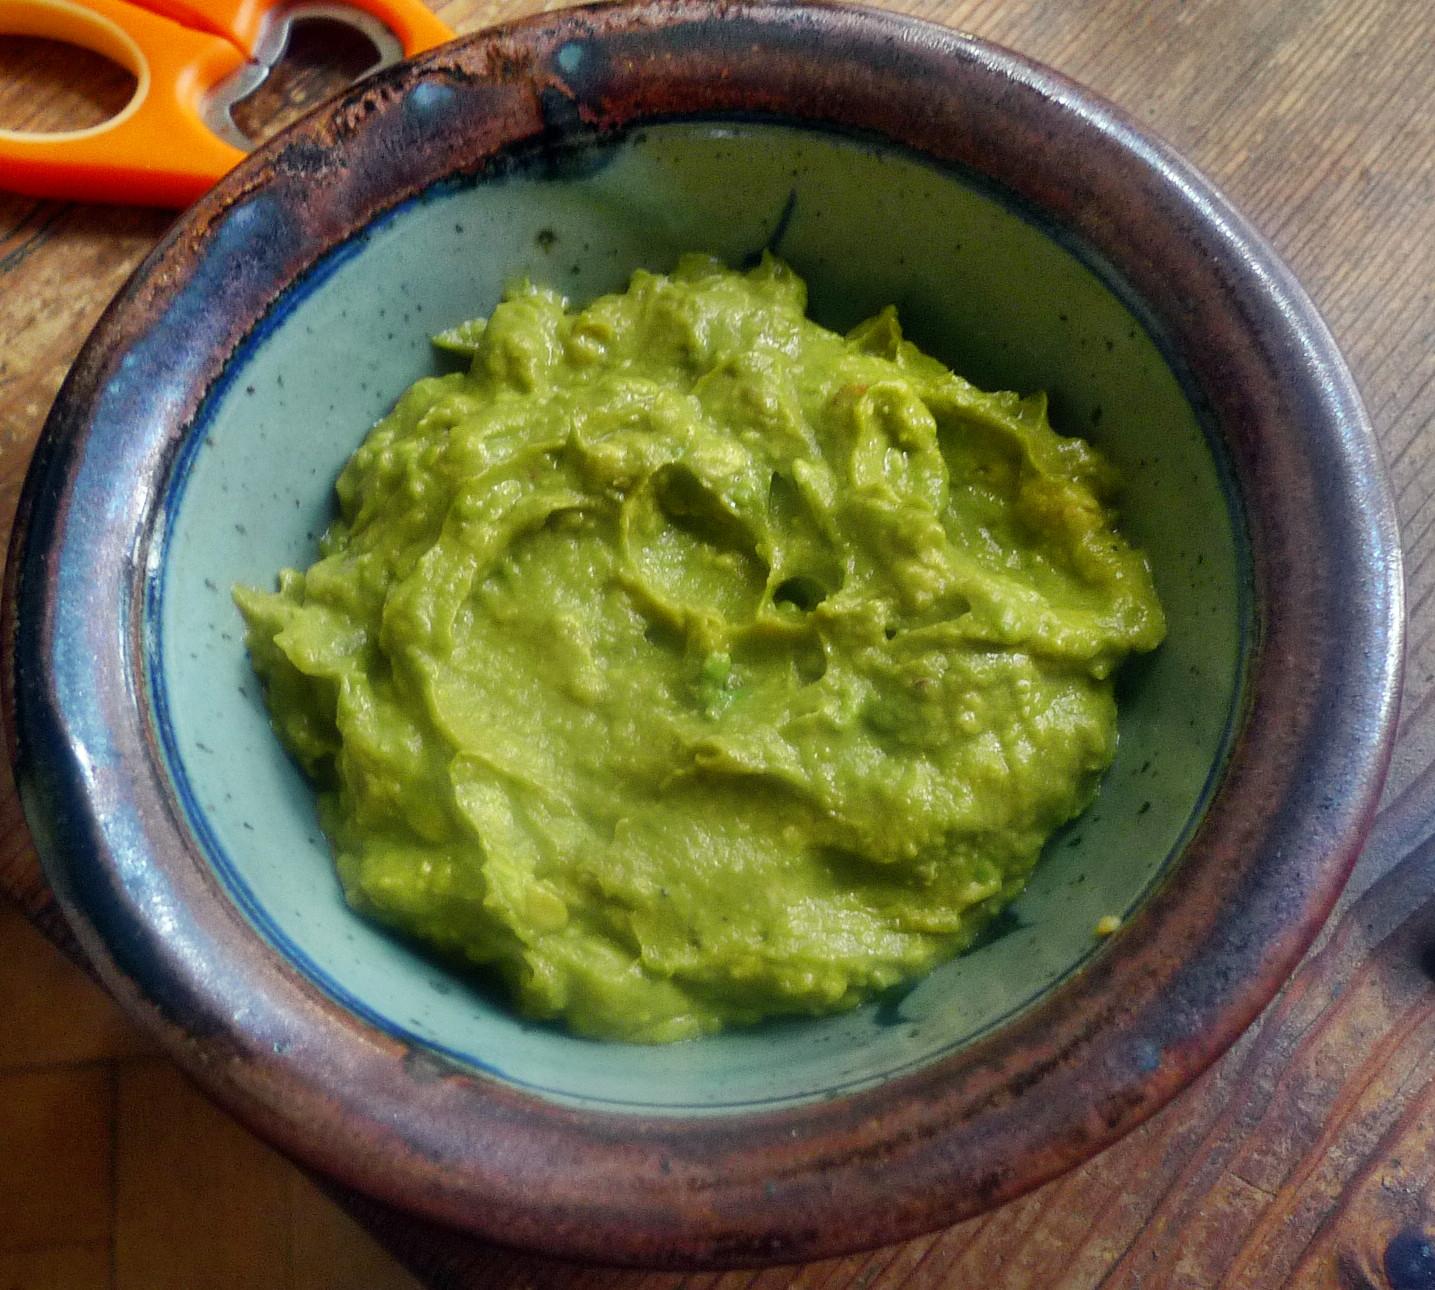 Ofengebackenes Würzelgemüse,Hummus,Guacamole -5.4.15   (9)